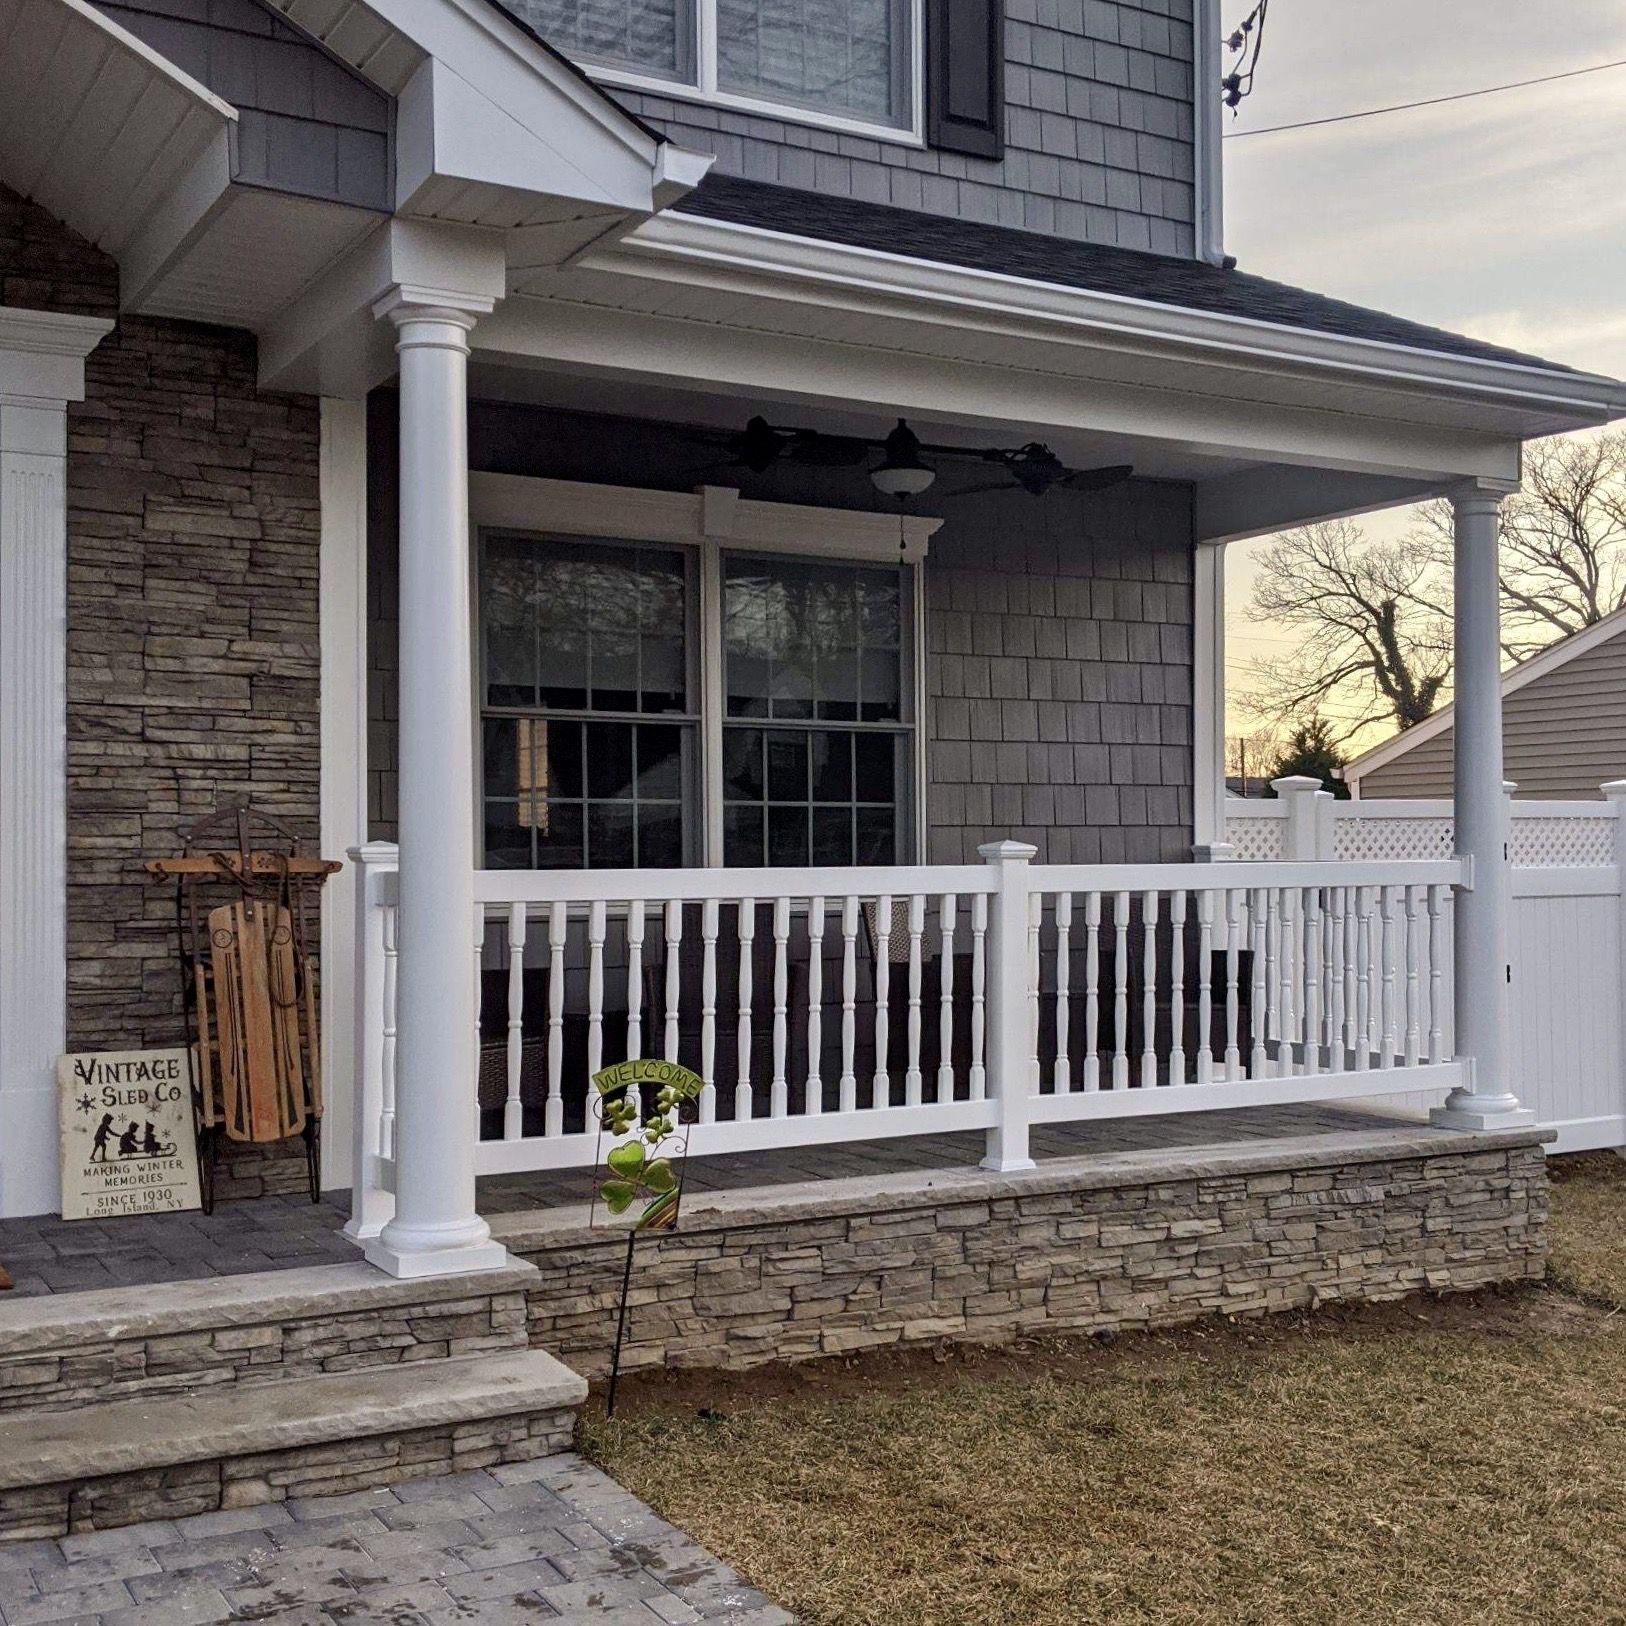 36 Pvc Spindle Rails On Front Porch In 2020 Front Porch Columns Porch Columns White Porch